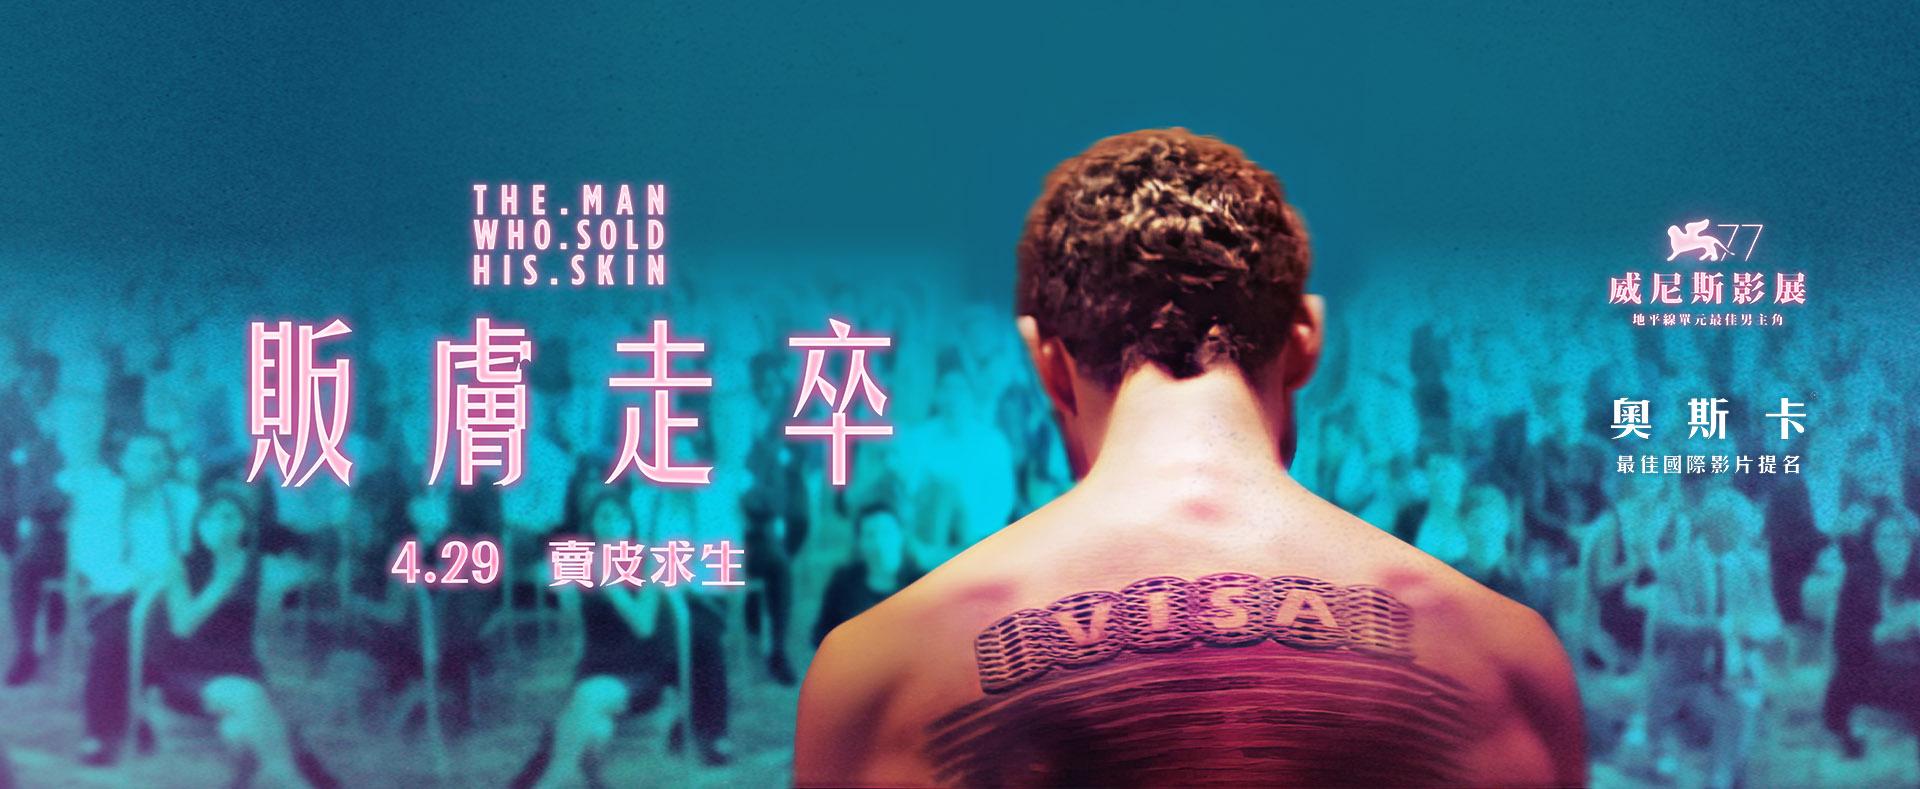 (2021奧斯卡最佳國際影片入圍)《販膚走卒》--- 唯愛與自由,「膚」復何求 !